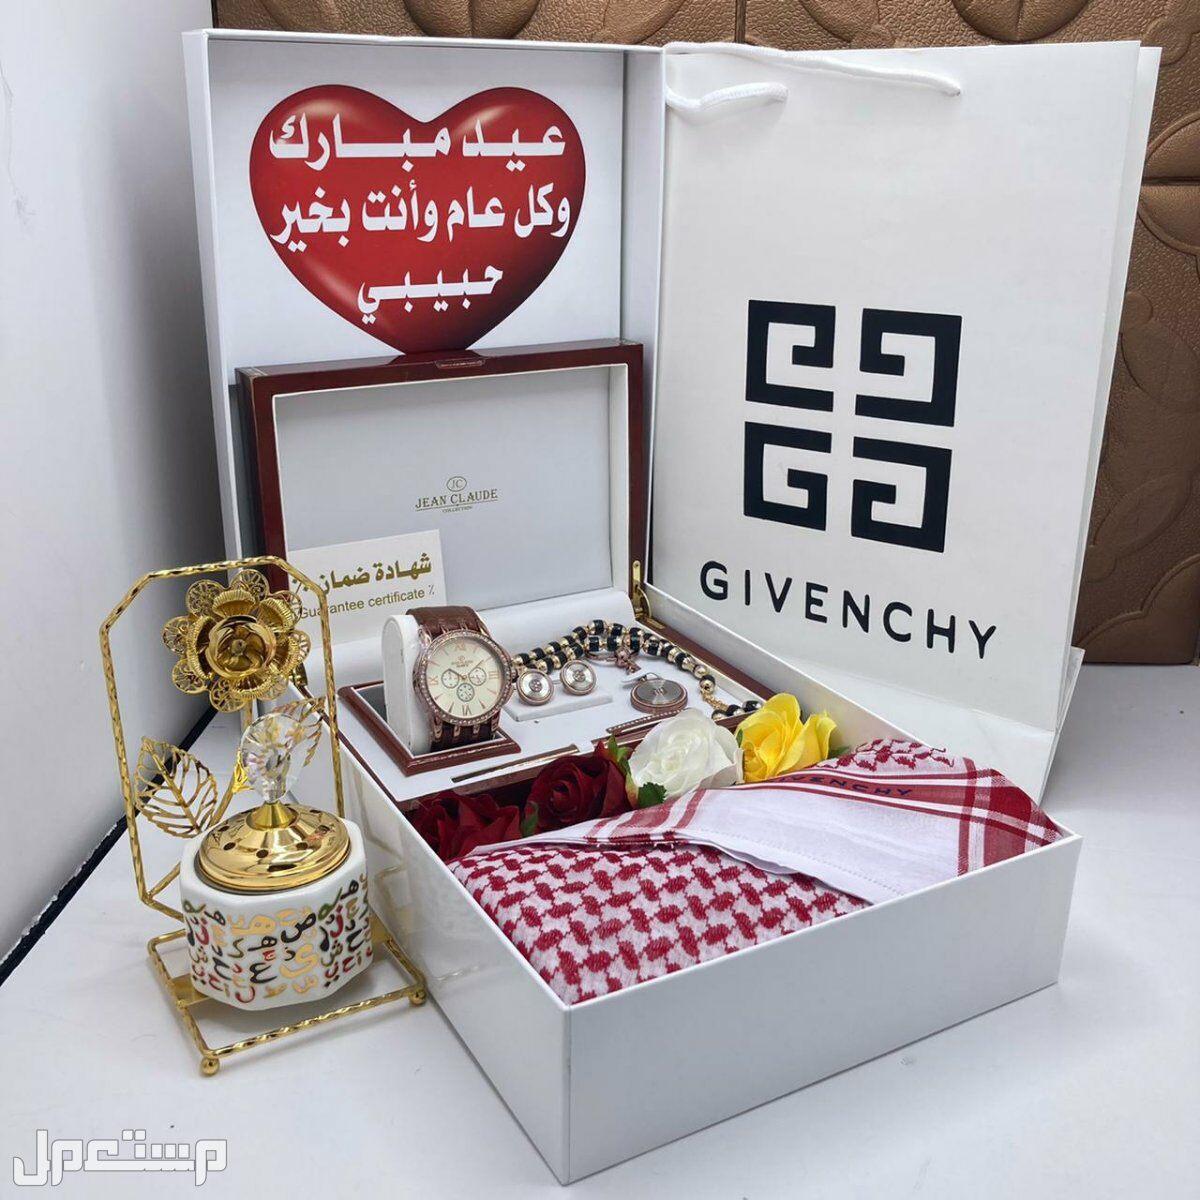 هدايا رجالي متكاملة # هدايا العيد والمناسبات